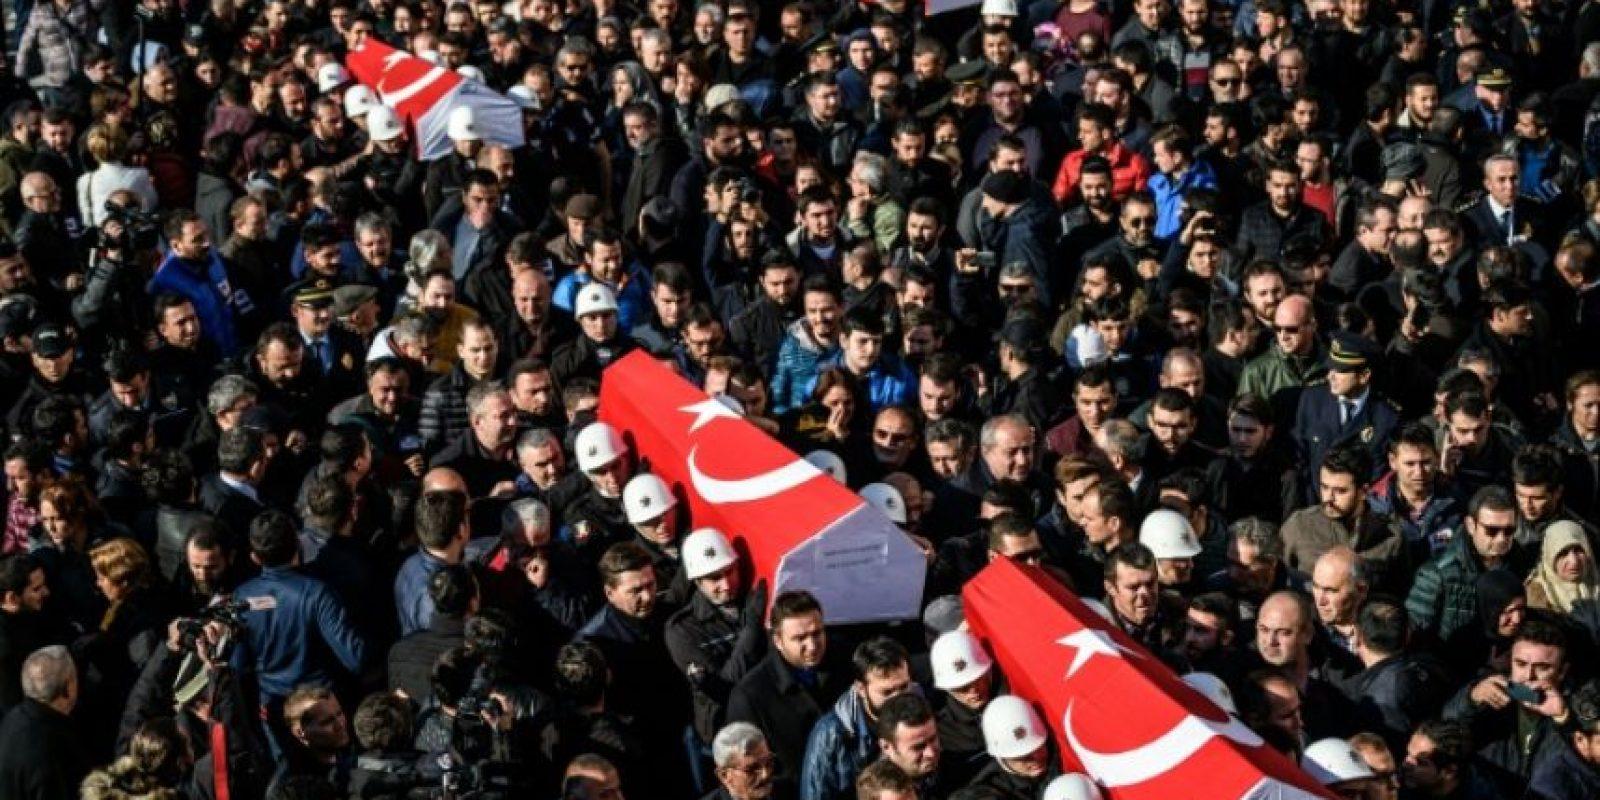 Policías turcos con los féretros de sus compañeros muertos en el doble atentado en Estambul del 10 de diciembre, al día siguiente en la ceremonia funeral por las víctimas Foto:Ozan Kose/afp.com